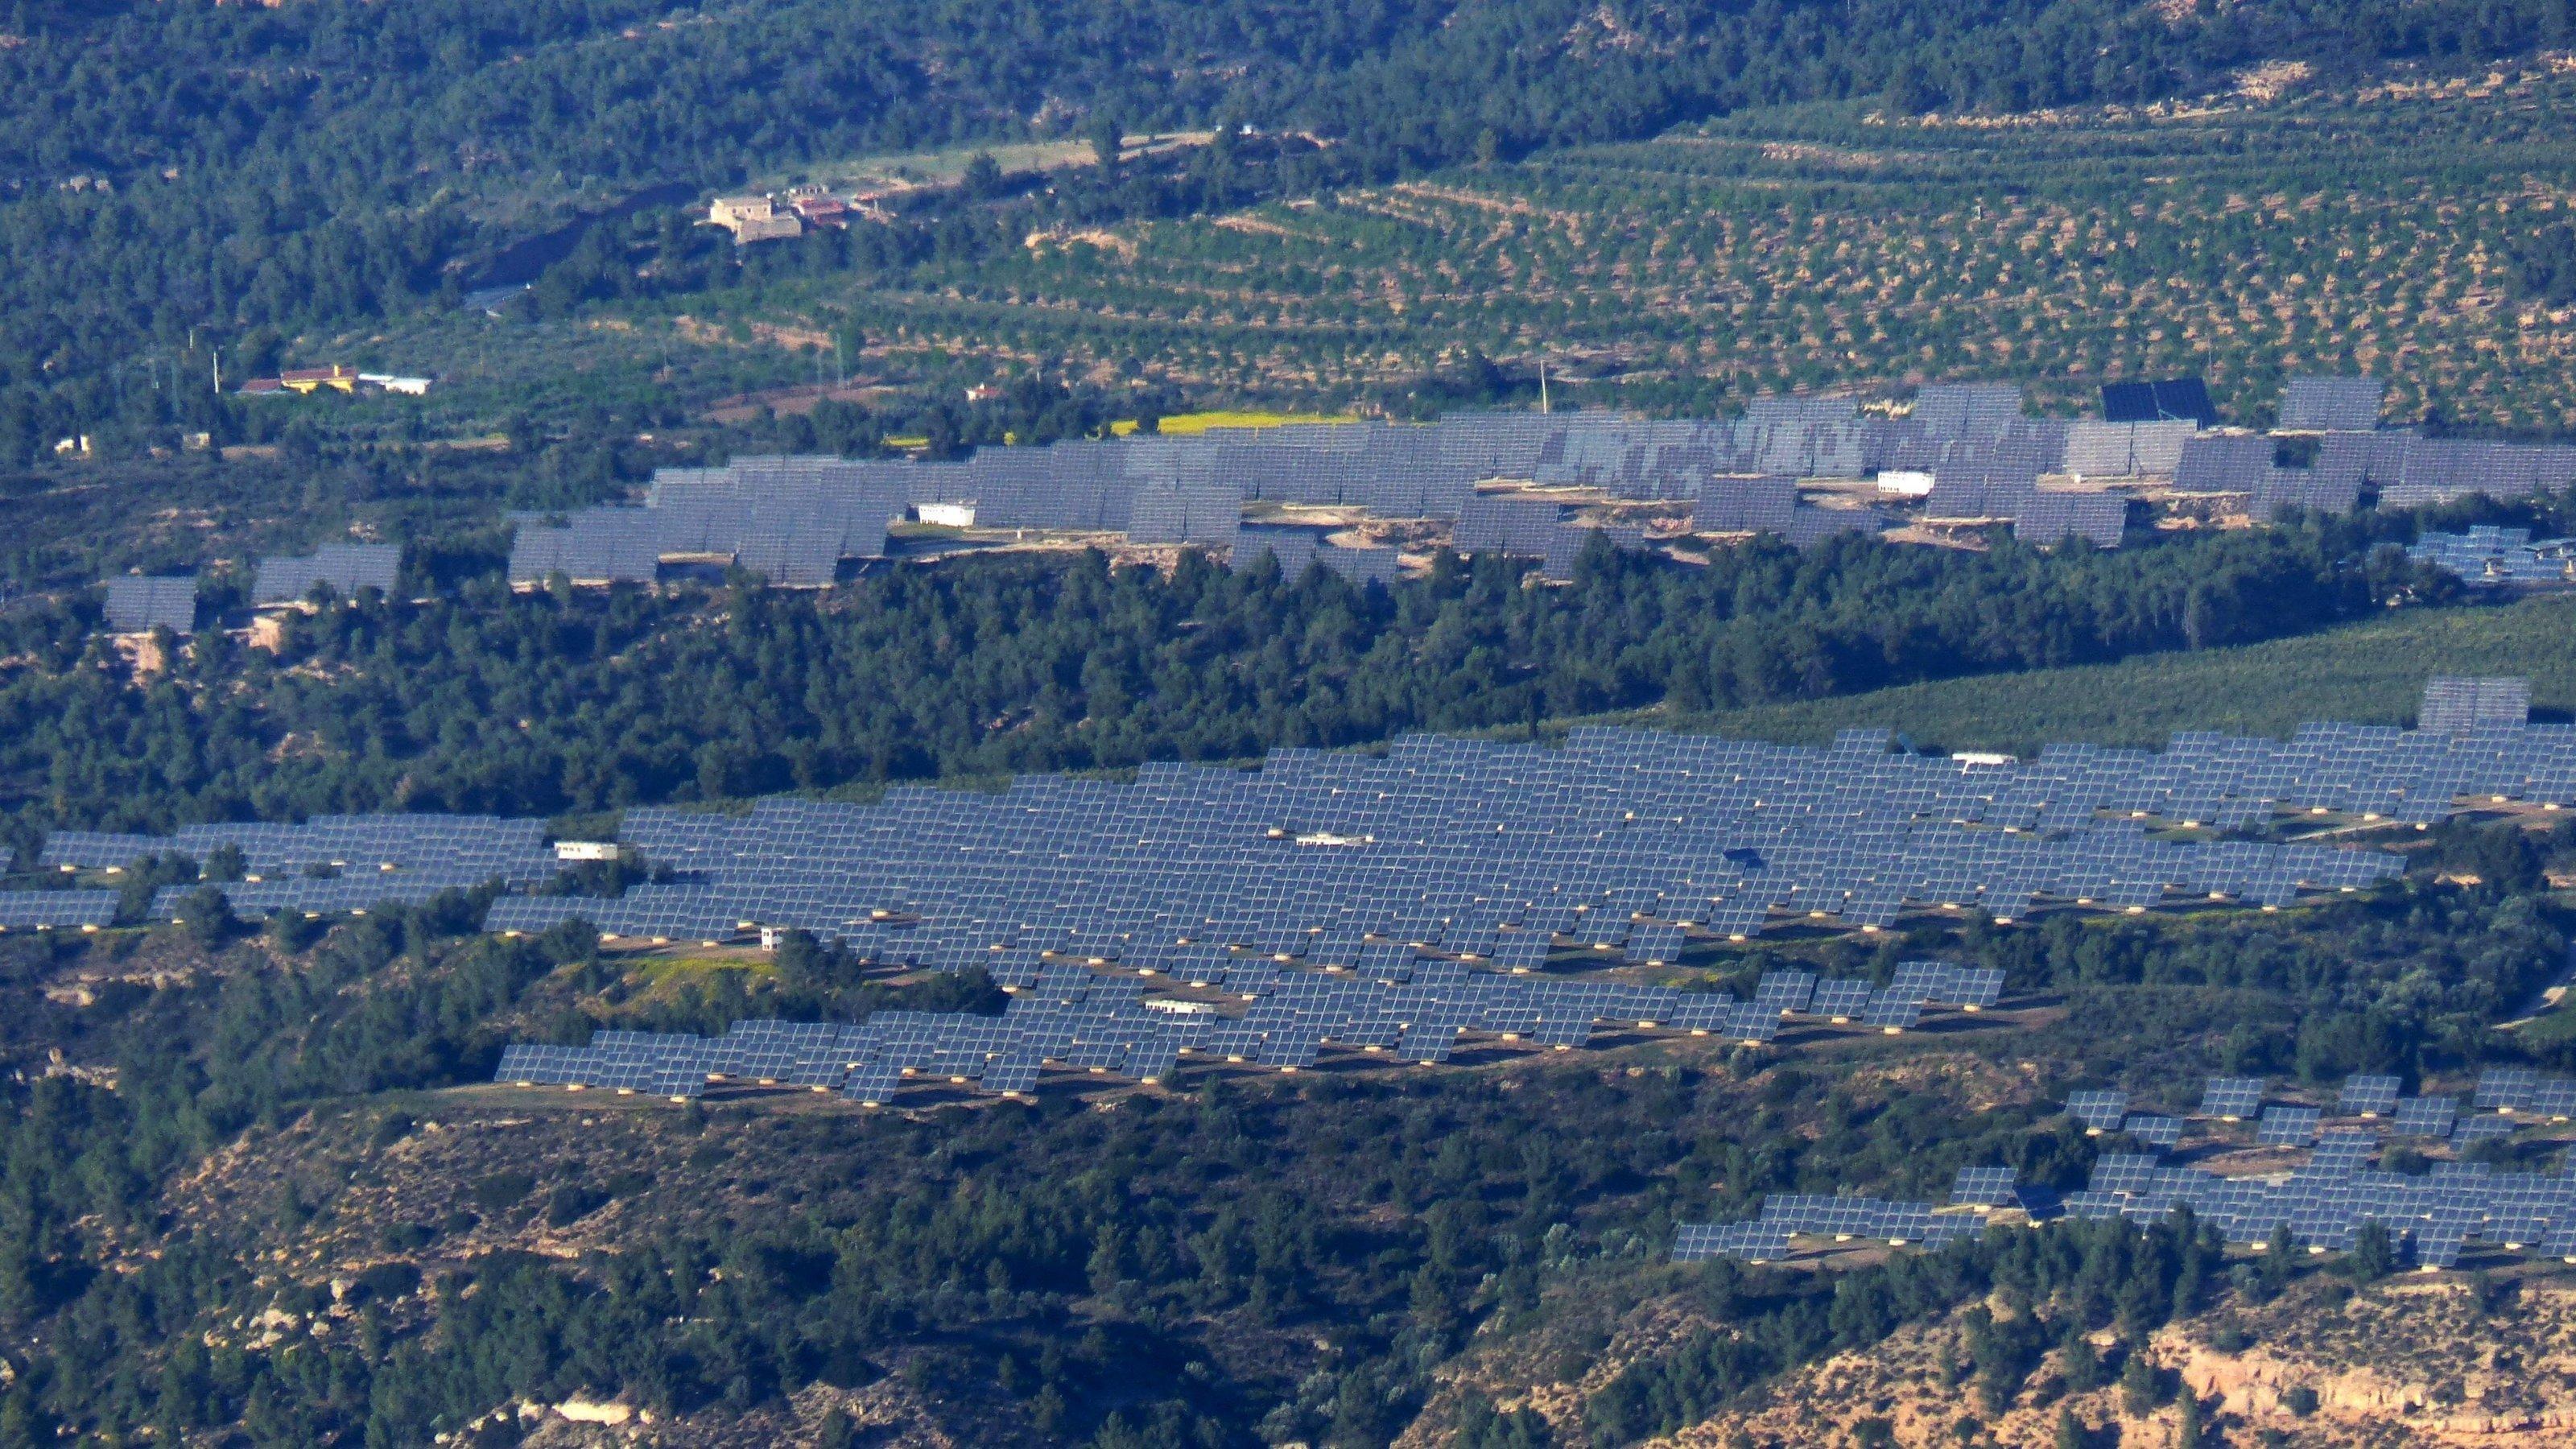 Dichte Reihen von Solarpaneelen inmitten von bewaldetem Hügelland